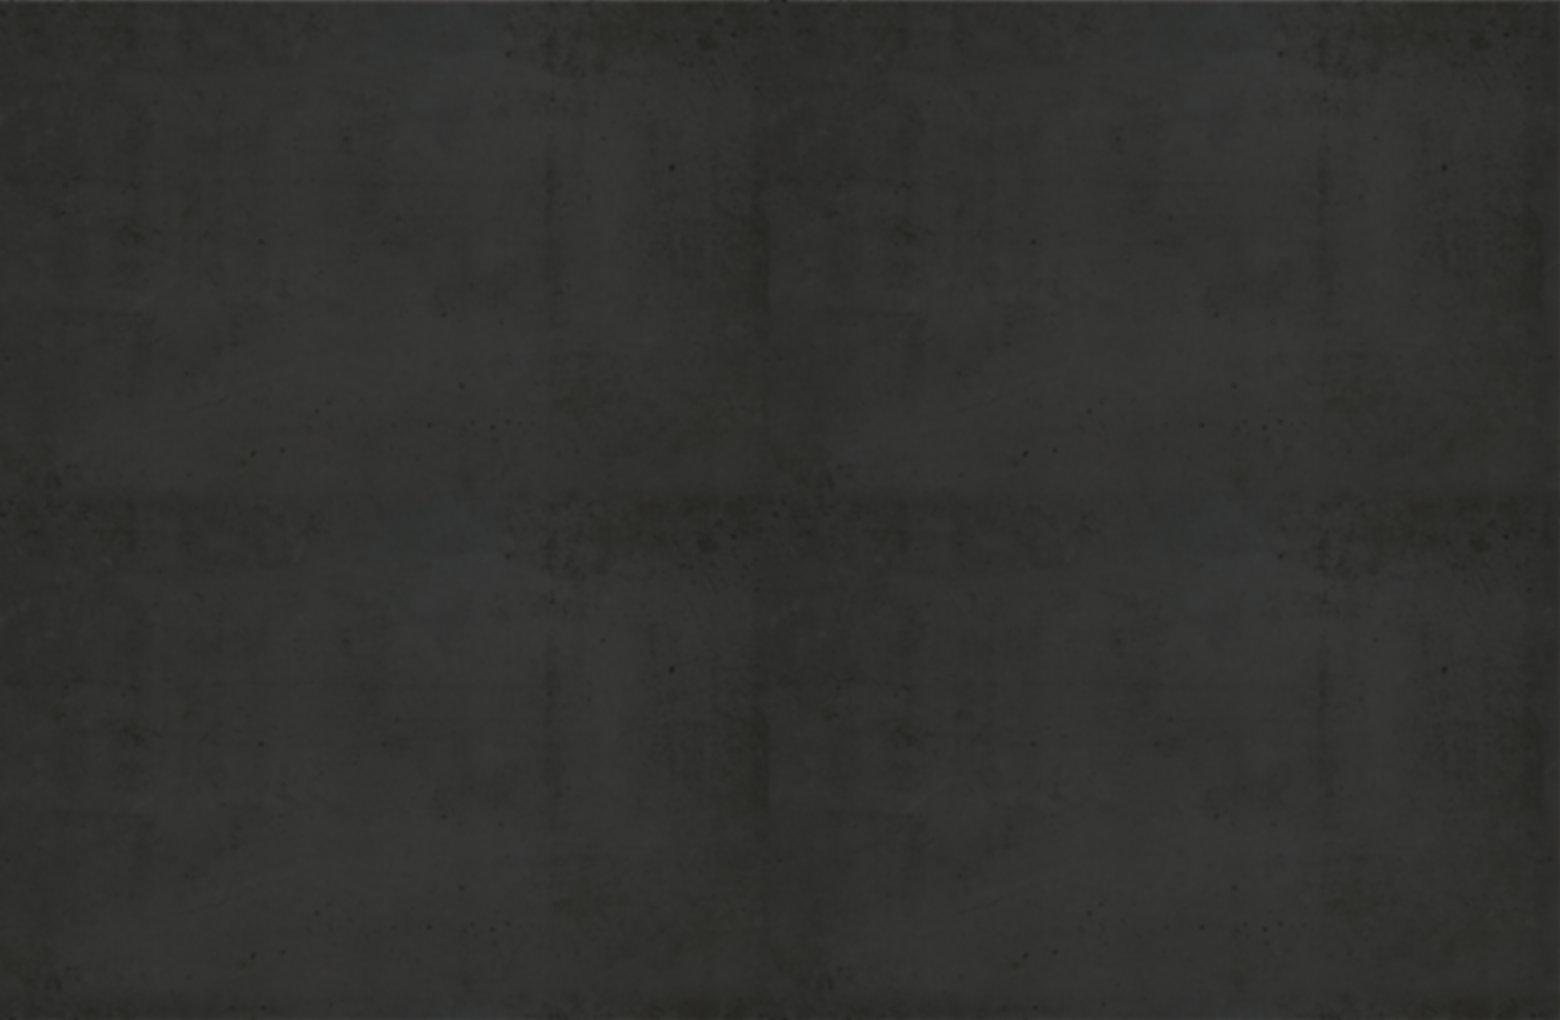 bg-black2.jpg